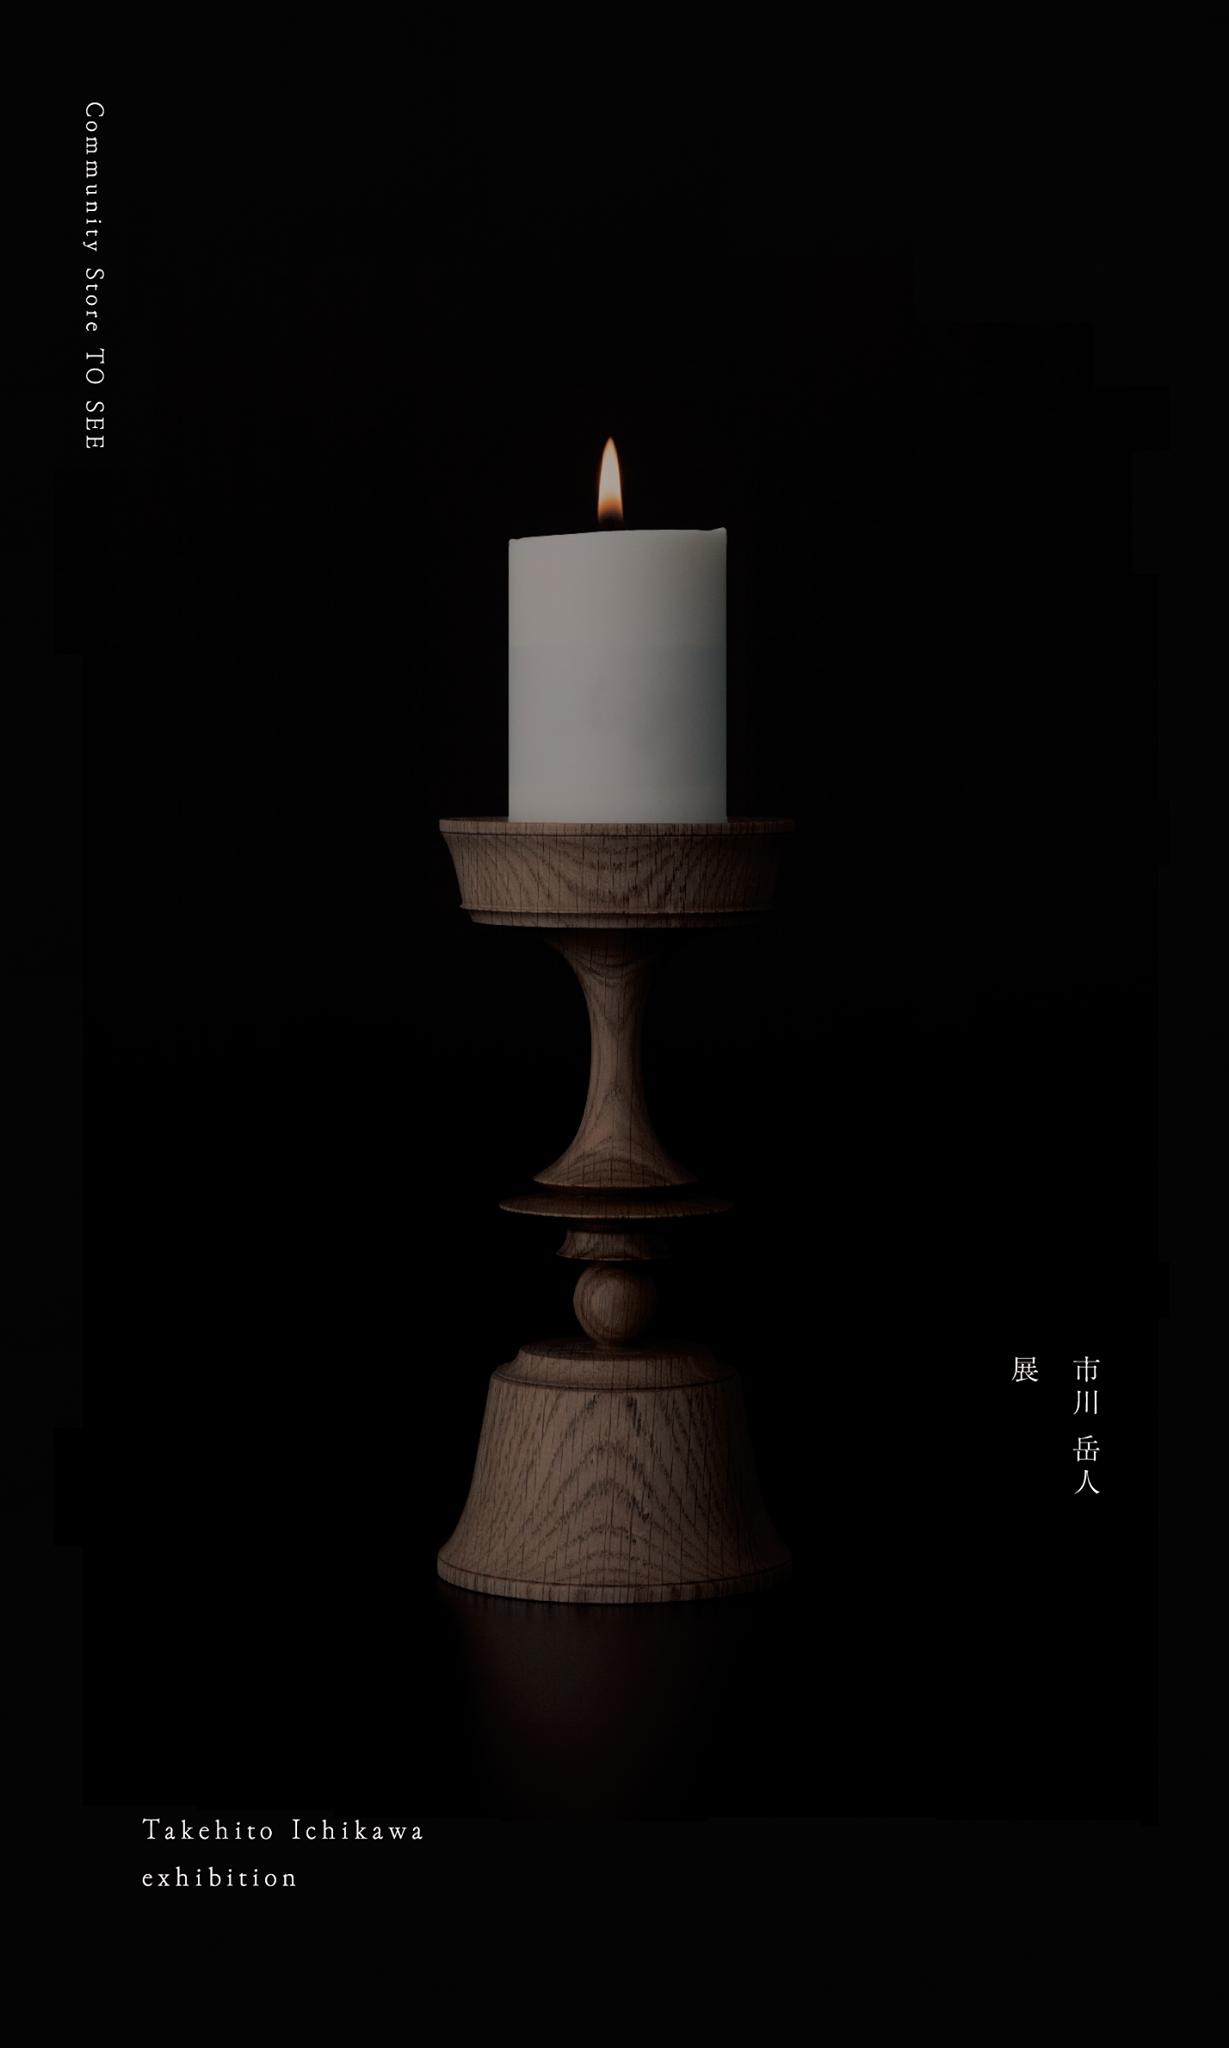 企画展《TO SEE Archive:15》 <br>市川 岳人 展